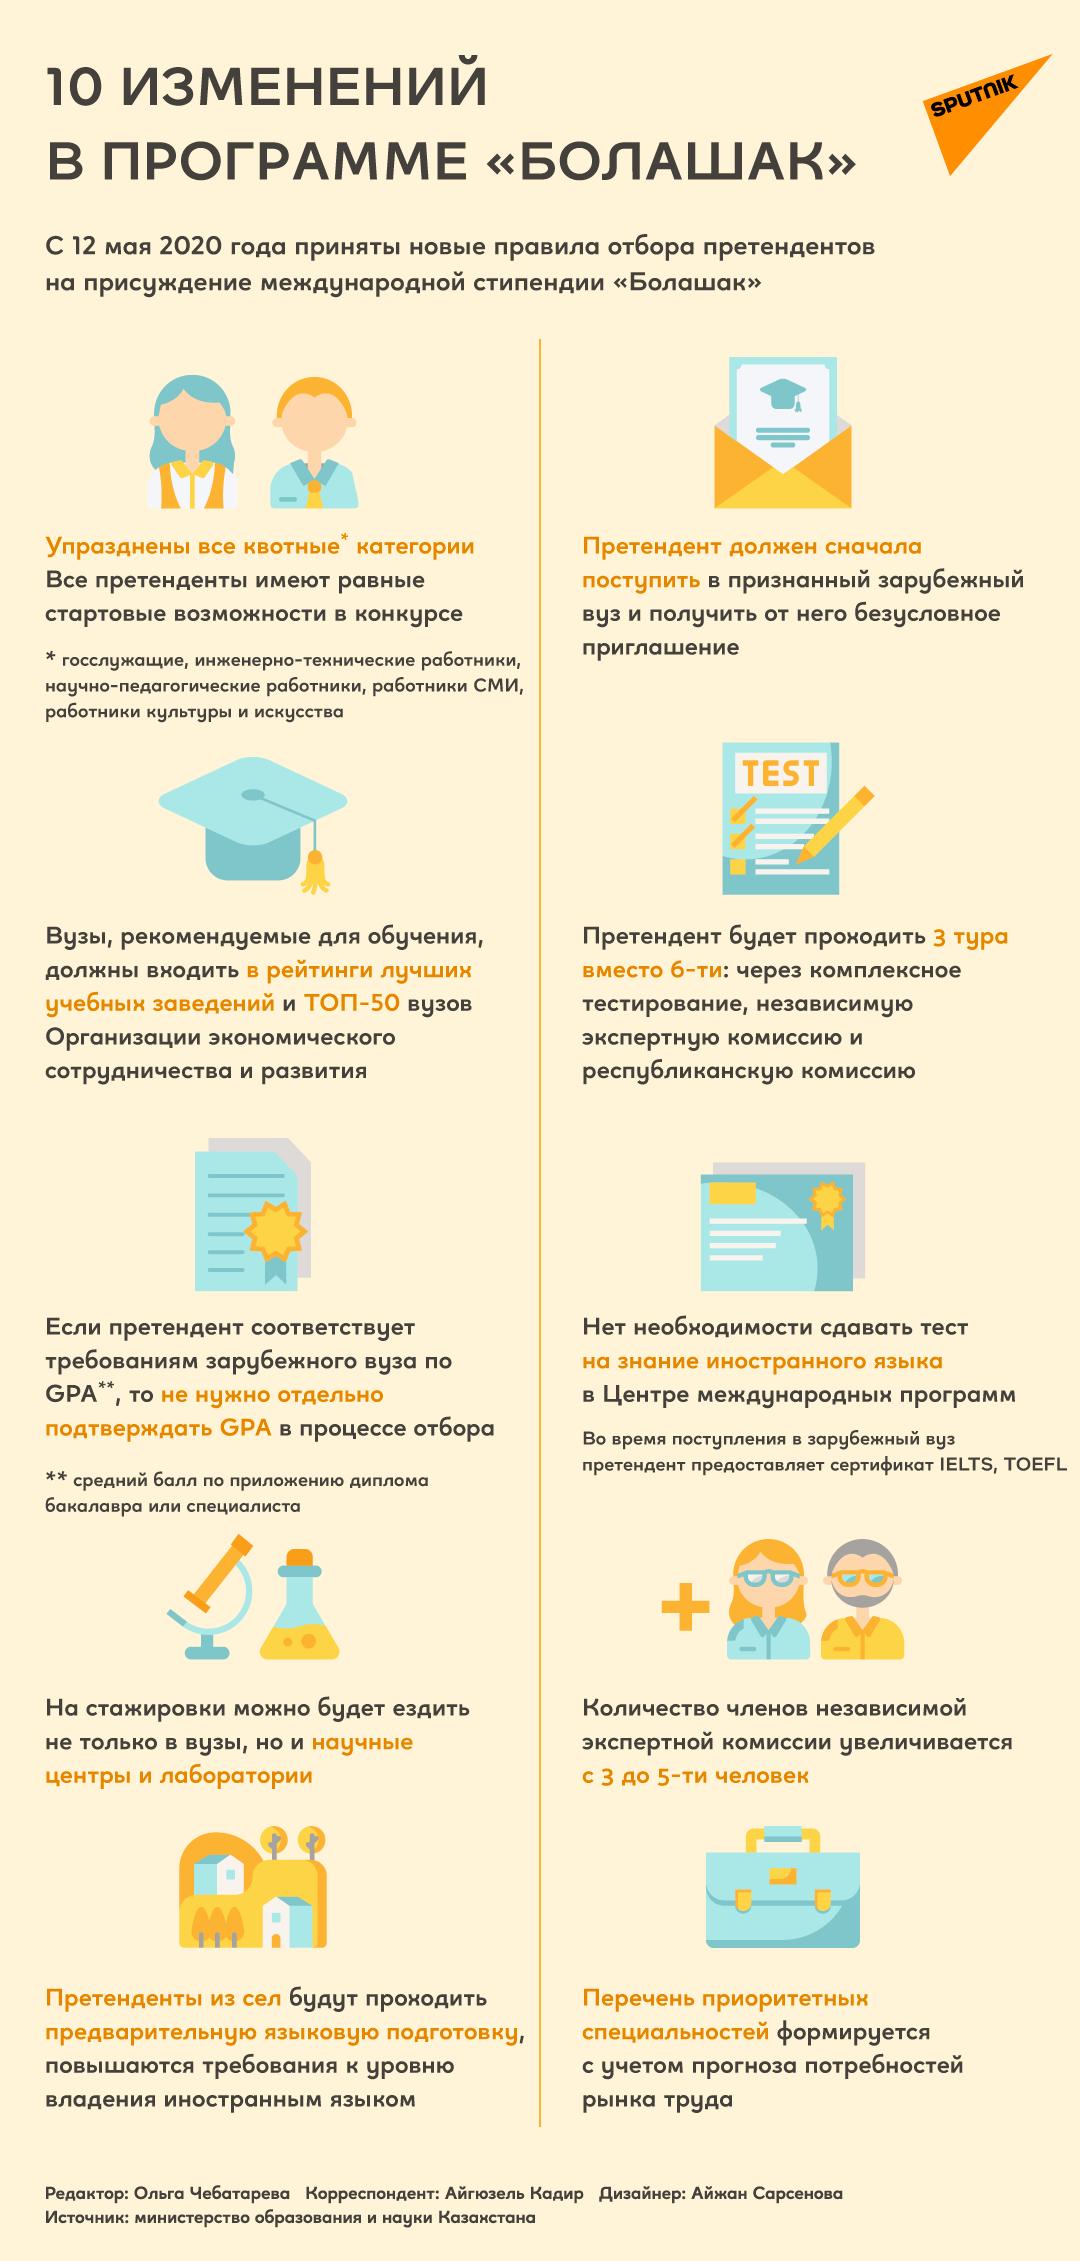 Инфографика: 10 изменений в программе Болашак